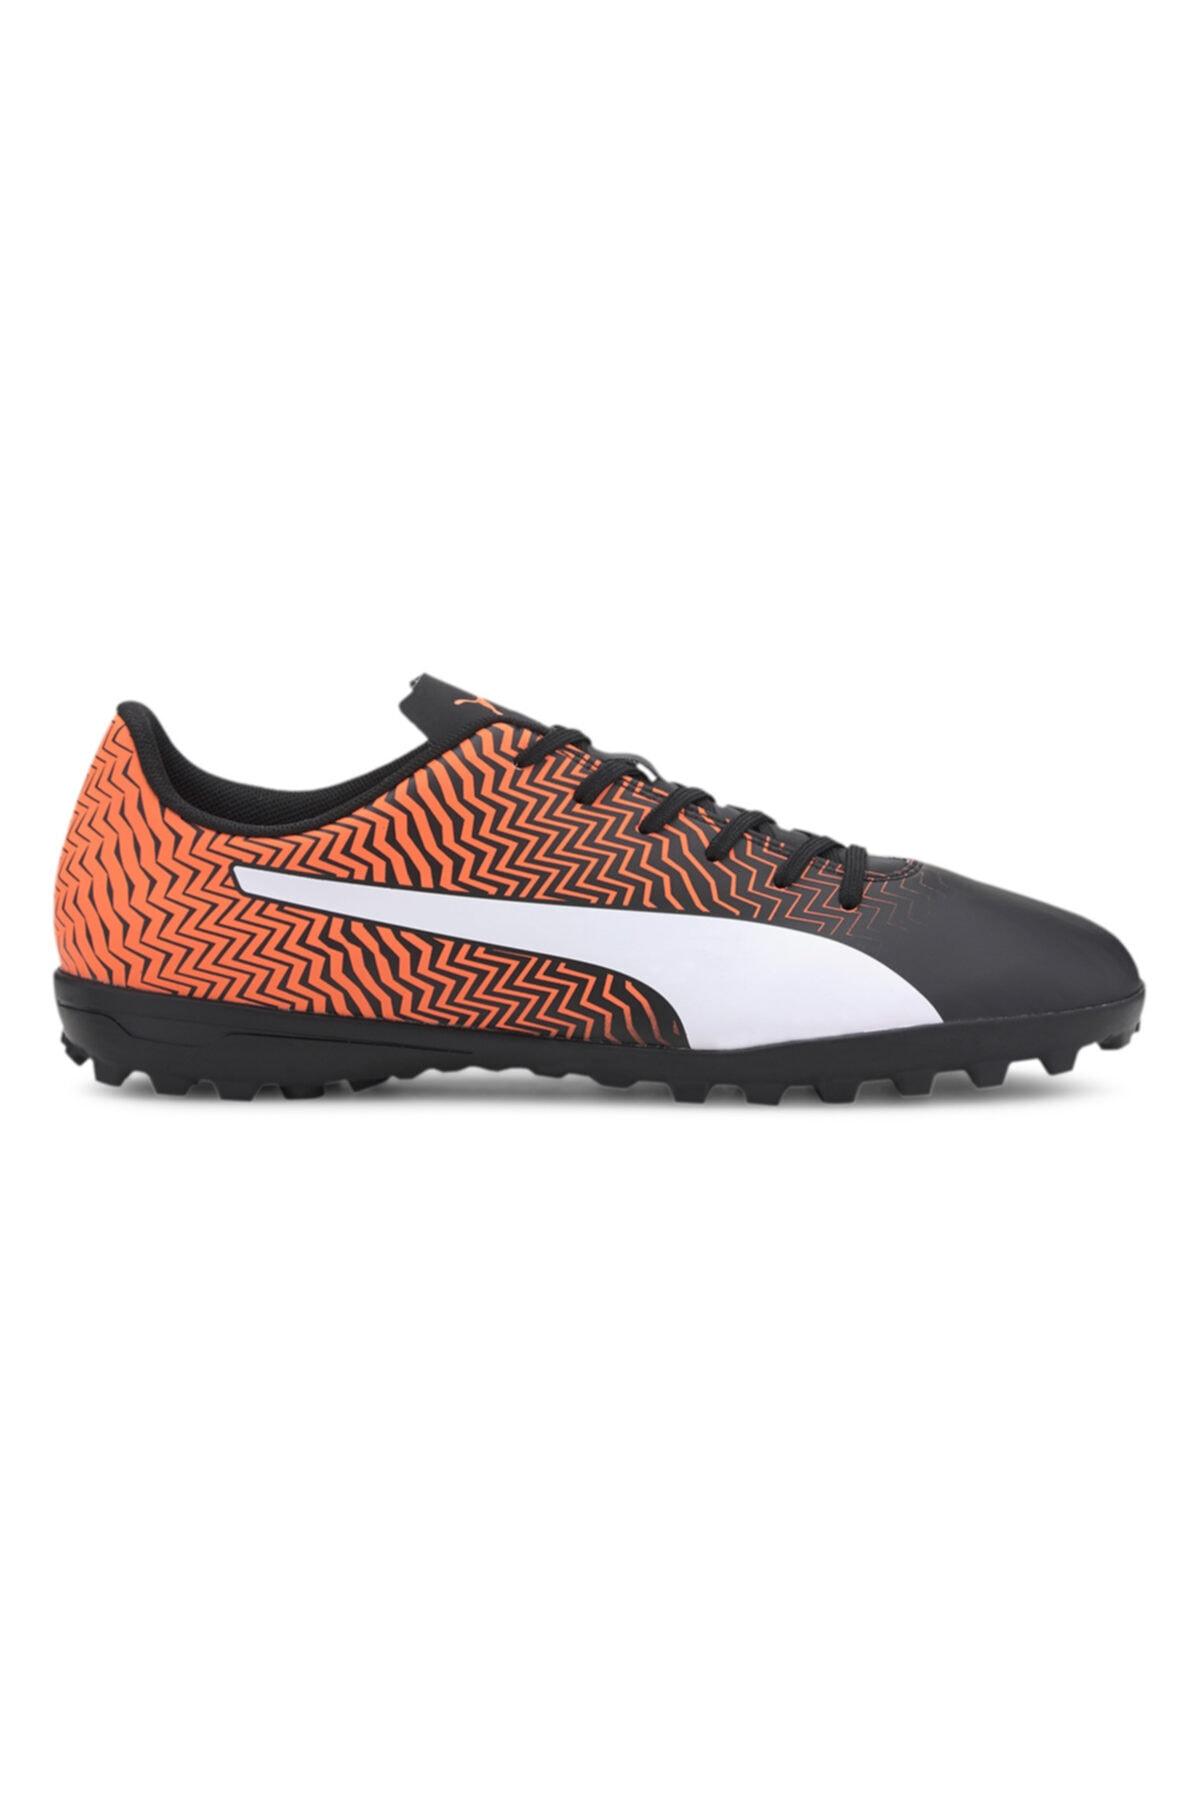 Puma Erkek Siyah Turuncu Halı Saha Ayakkabısı 1